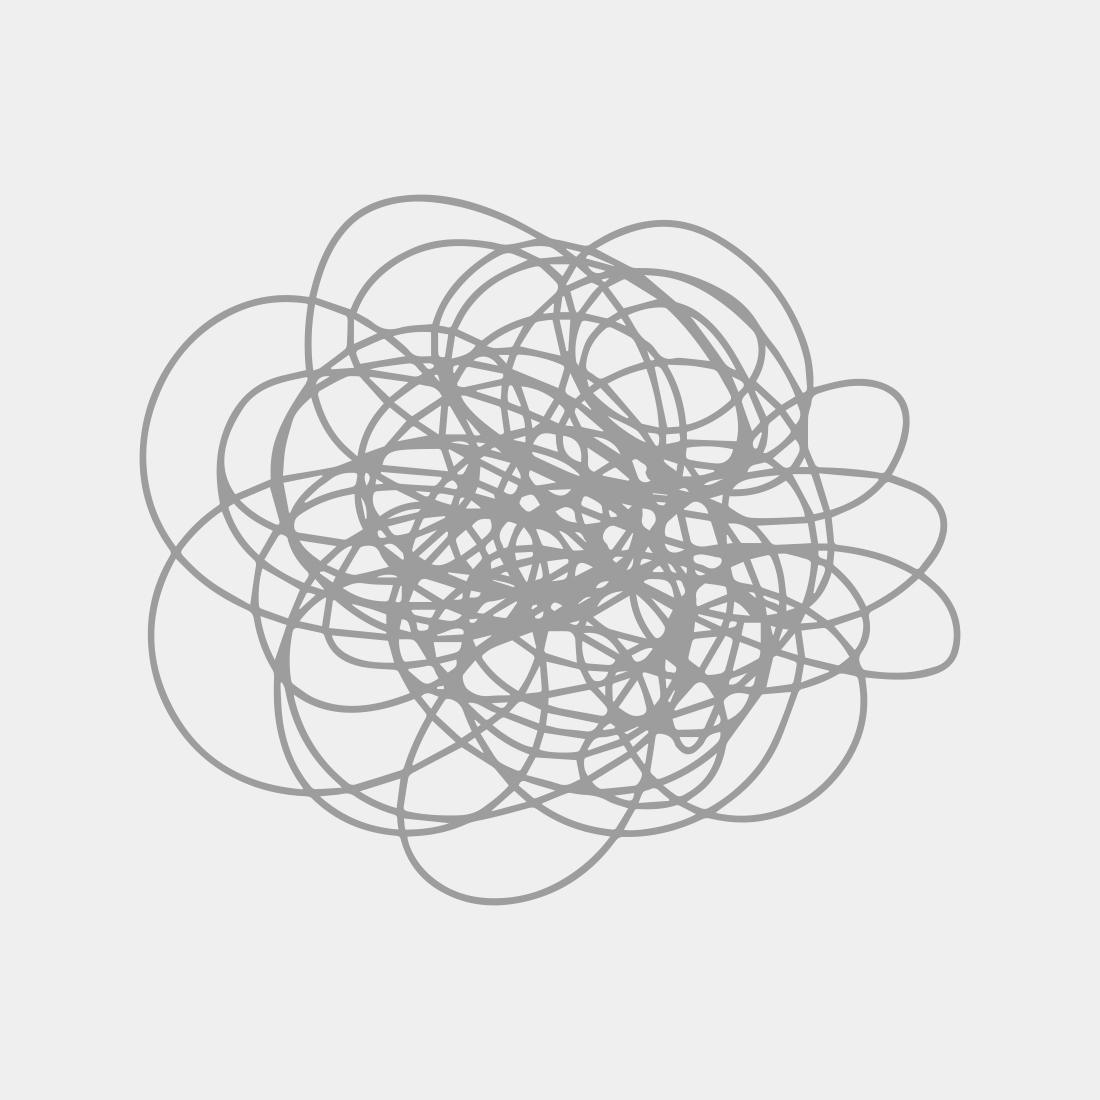 Barbara Rae 'Yellow Peat Bog' Greetings Card